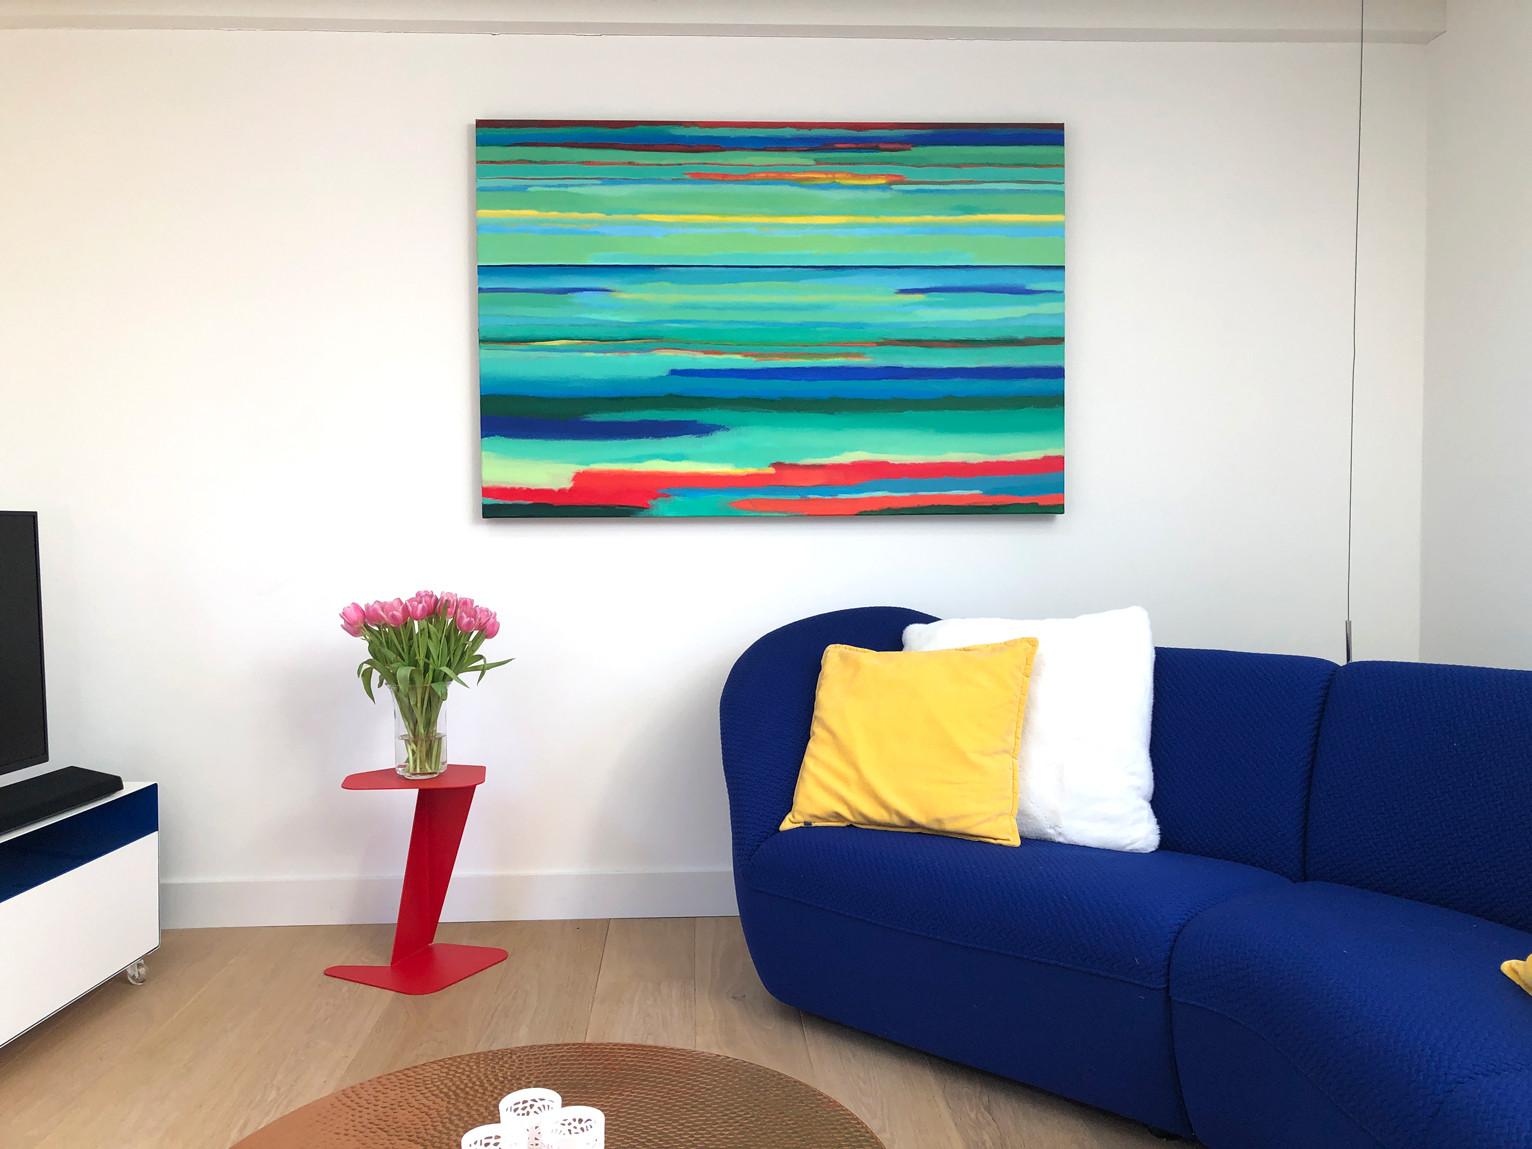 painting-whole-room-ninonart.jpg